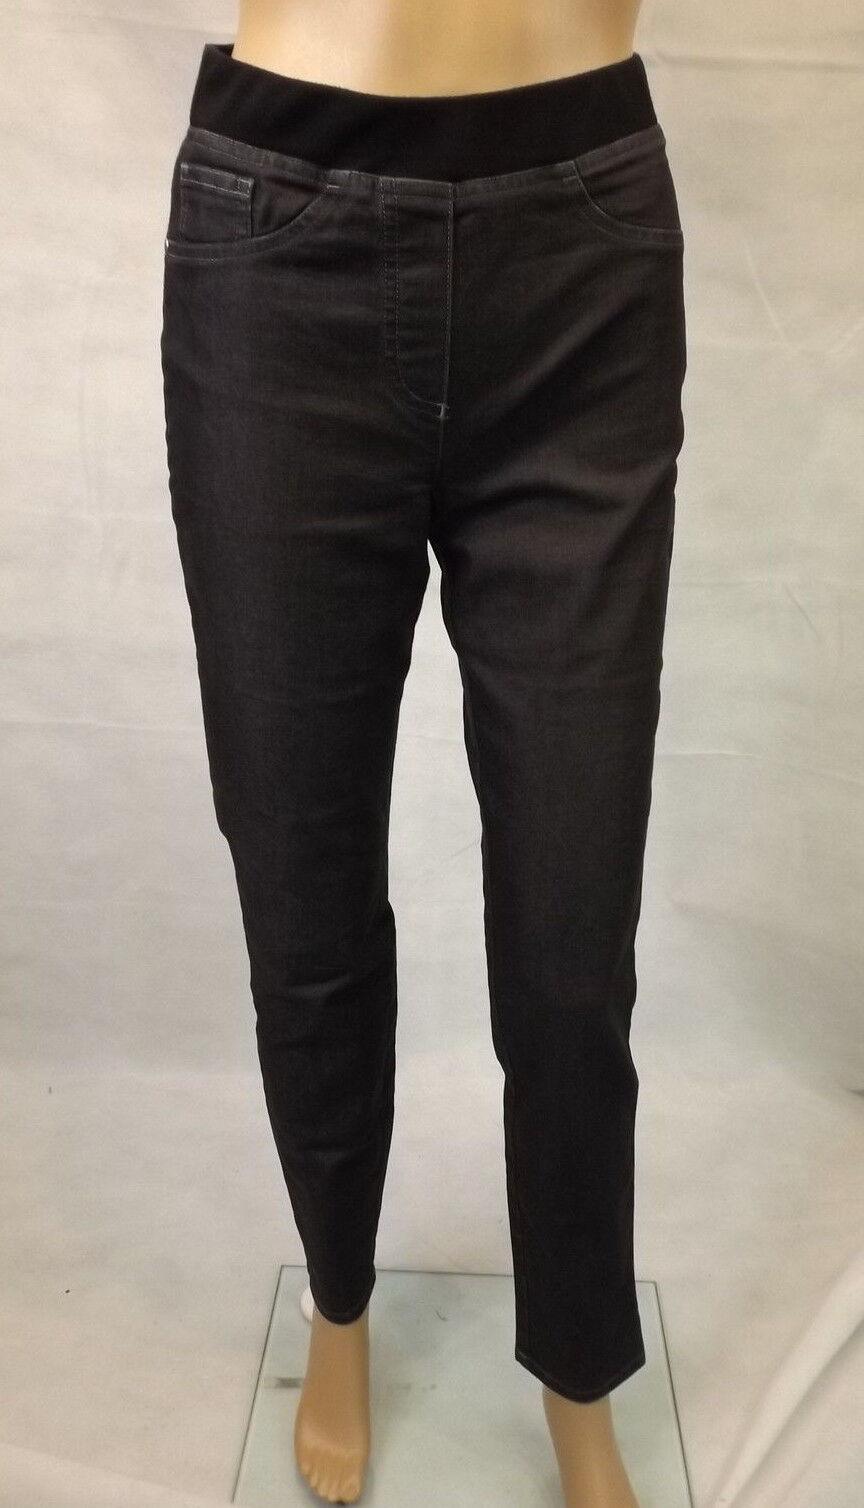 PFEFFINGER   34  Jegging  Leggings  Jeans  Schlupfhose  Stretch  blue